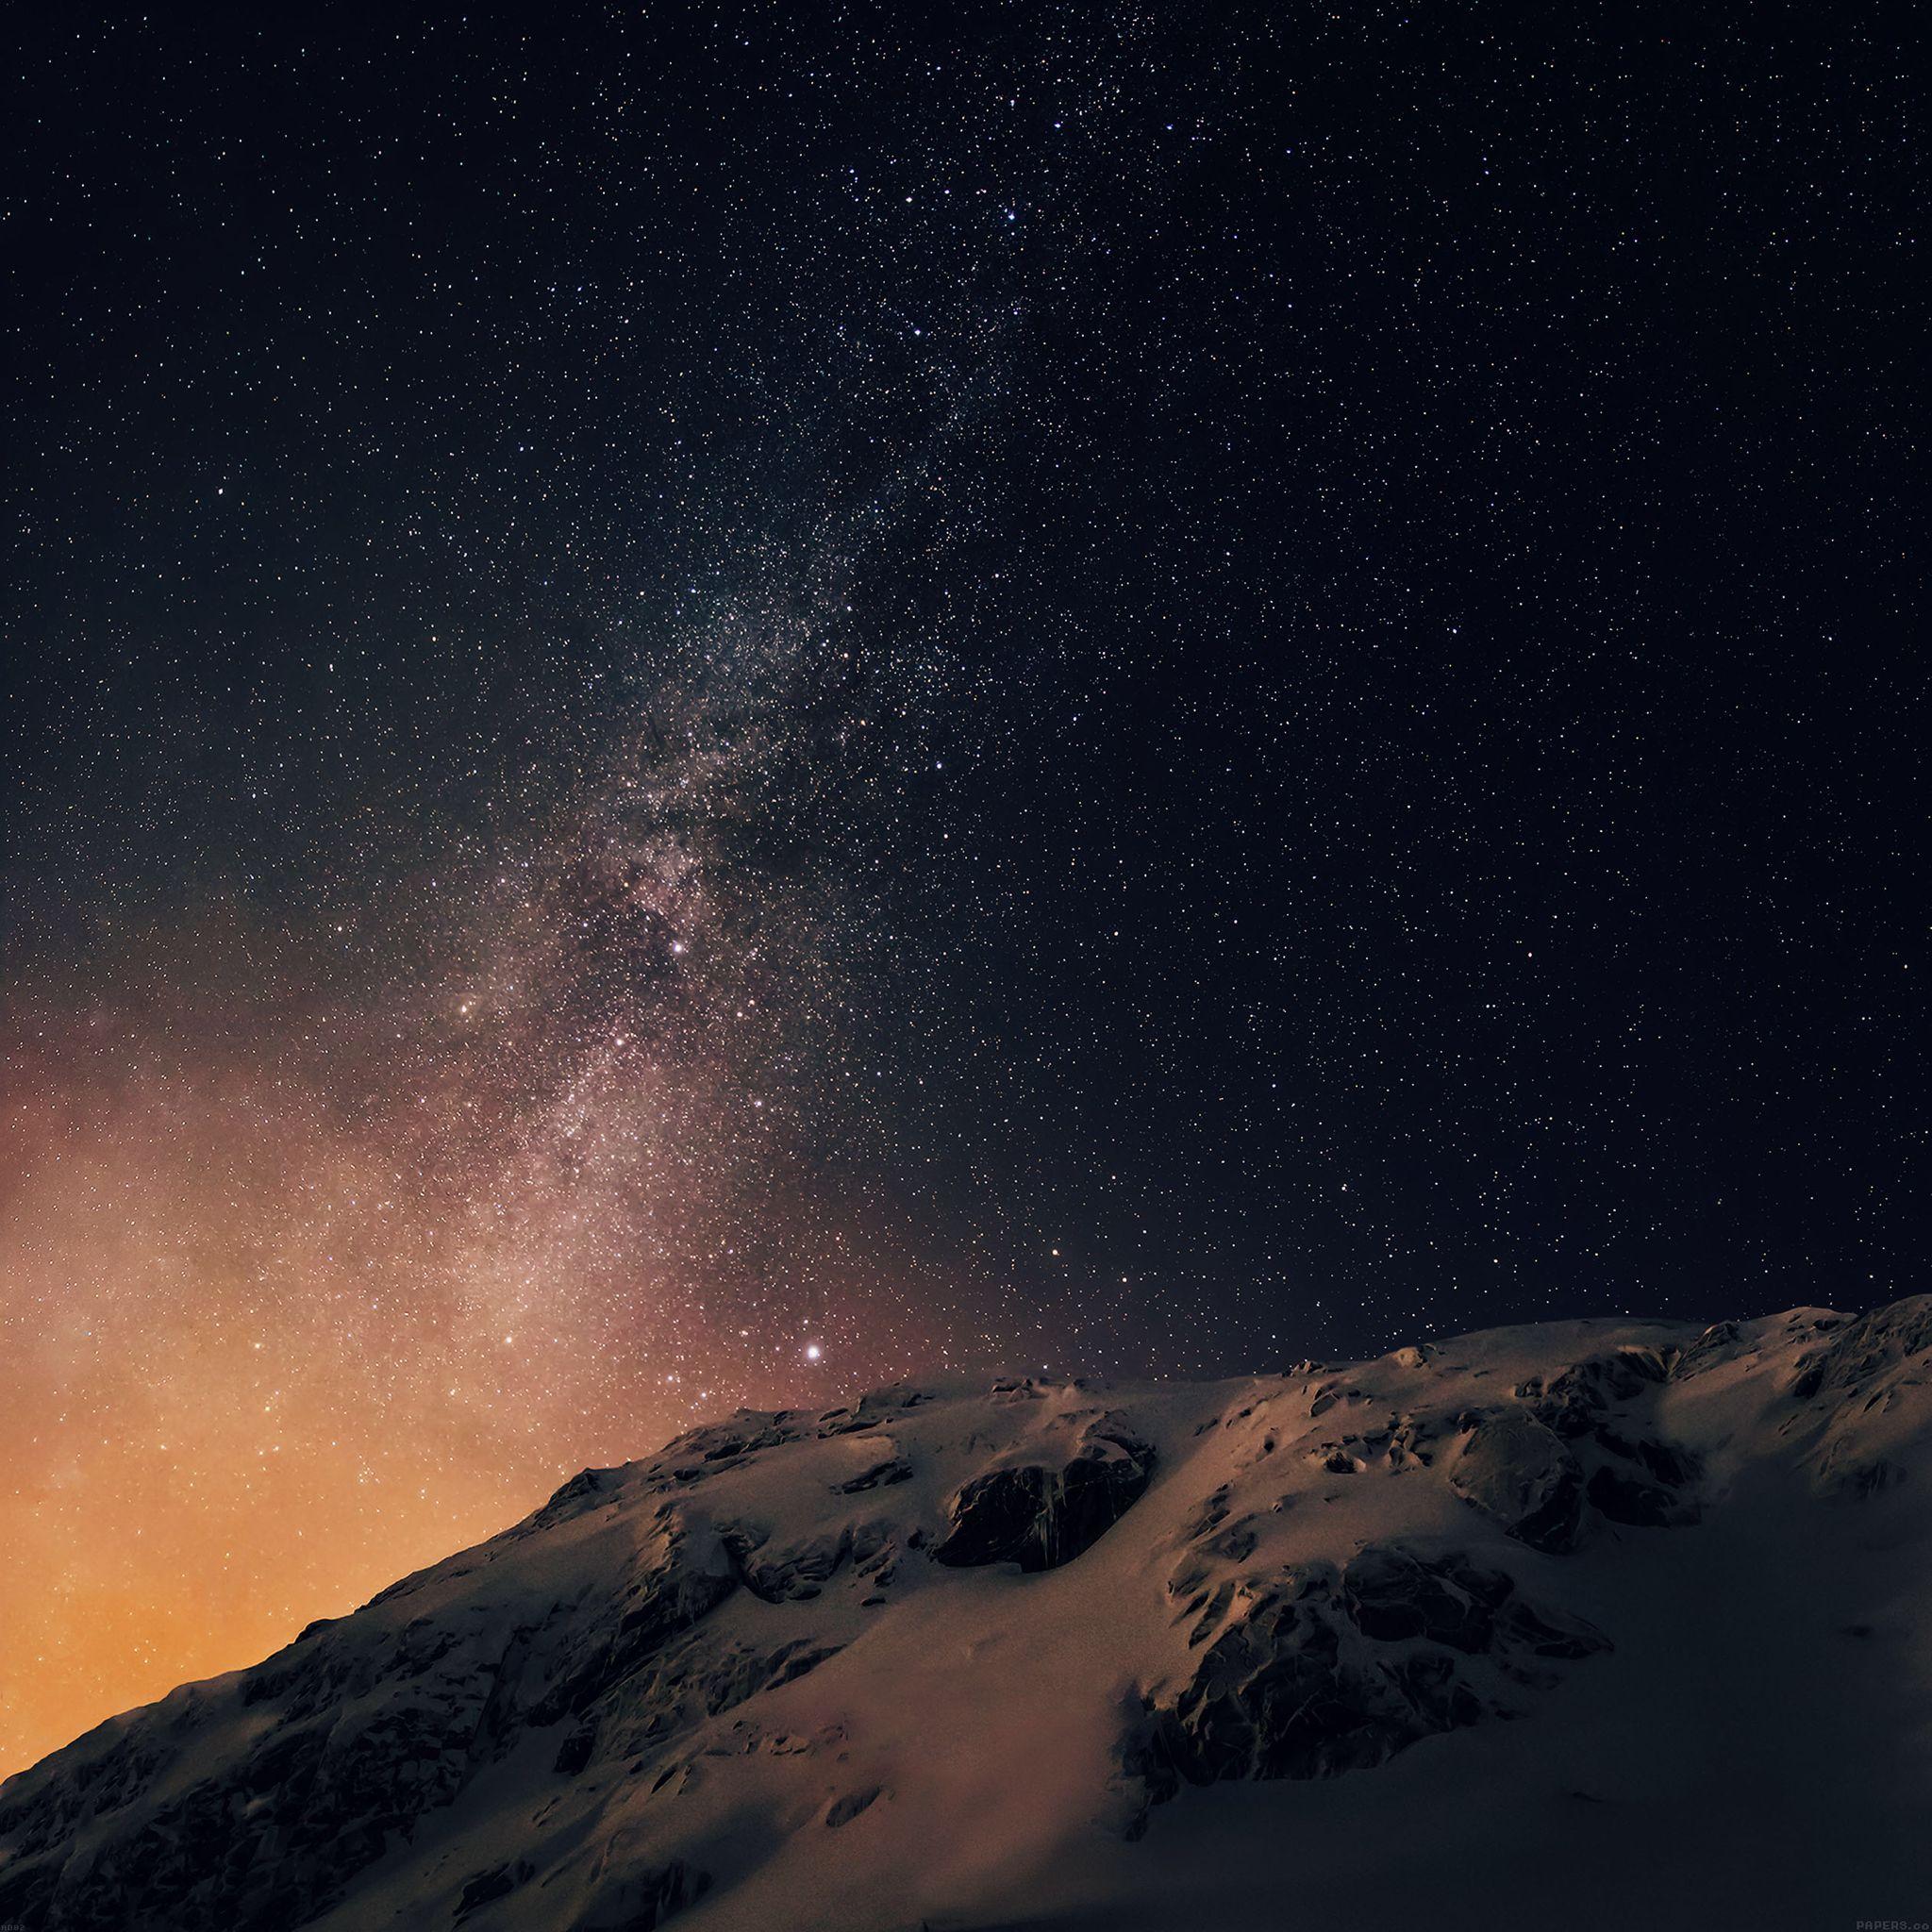 Milky Way wallpaper Starry night wallpaper, Star